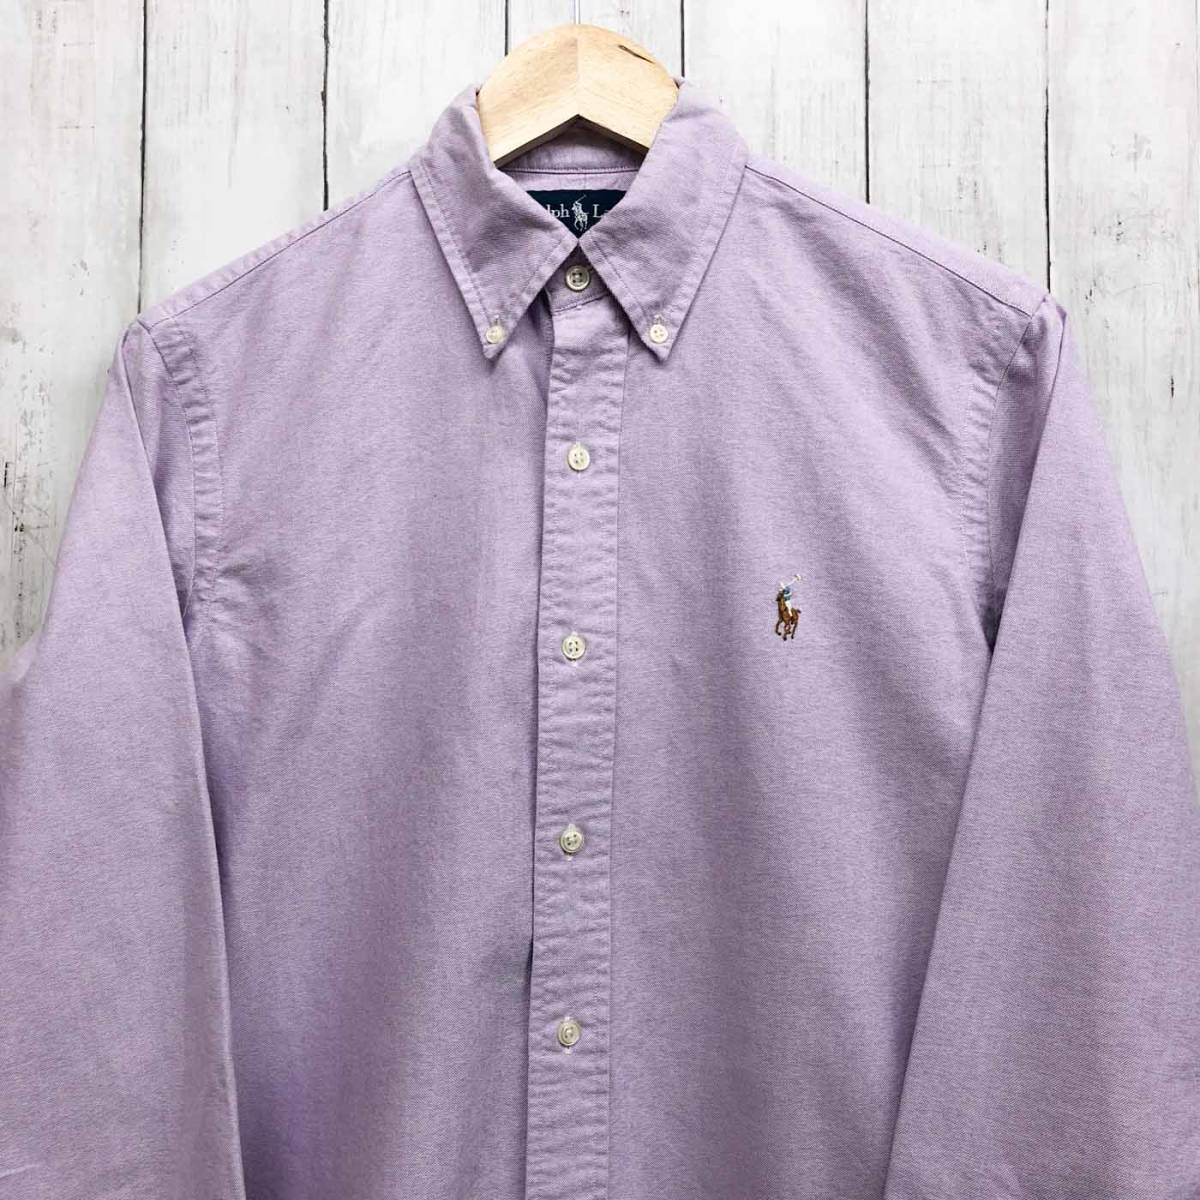 ラルフローレン POLO Ralph Lauren Polo 長袖シャツ メンズ ワンポイント Sサイズ 7-60_画像1